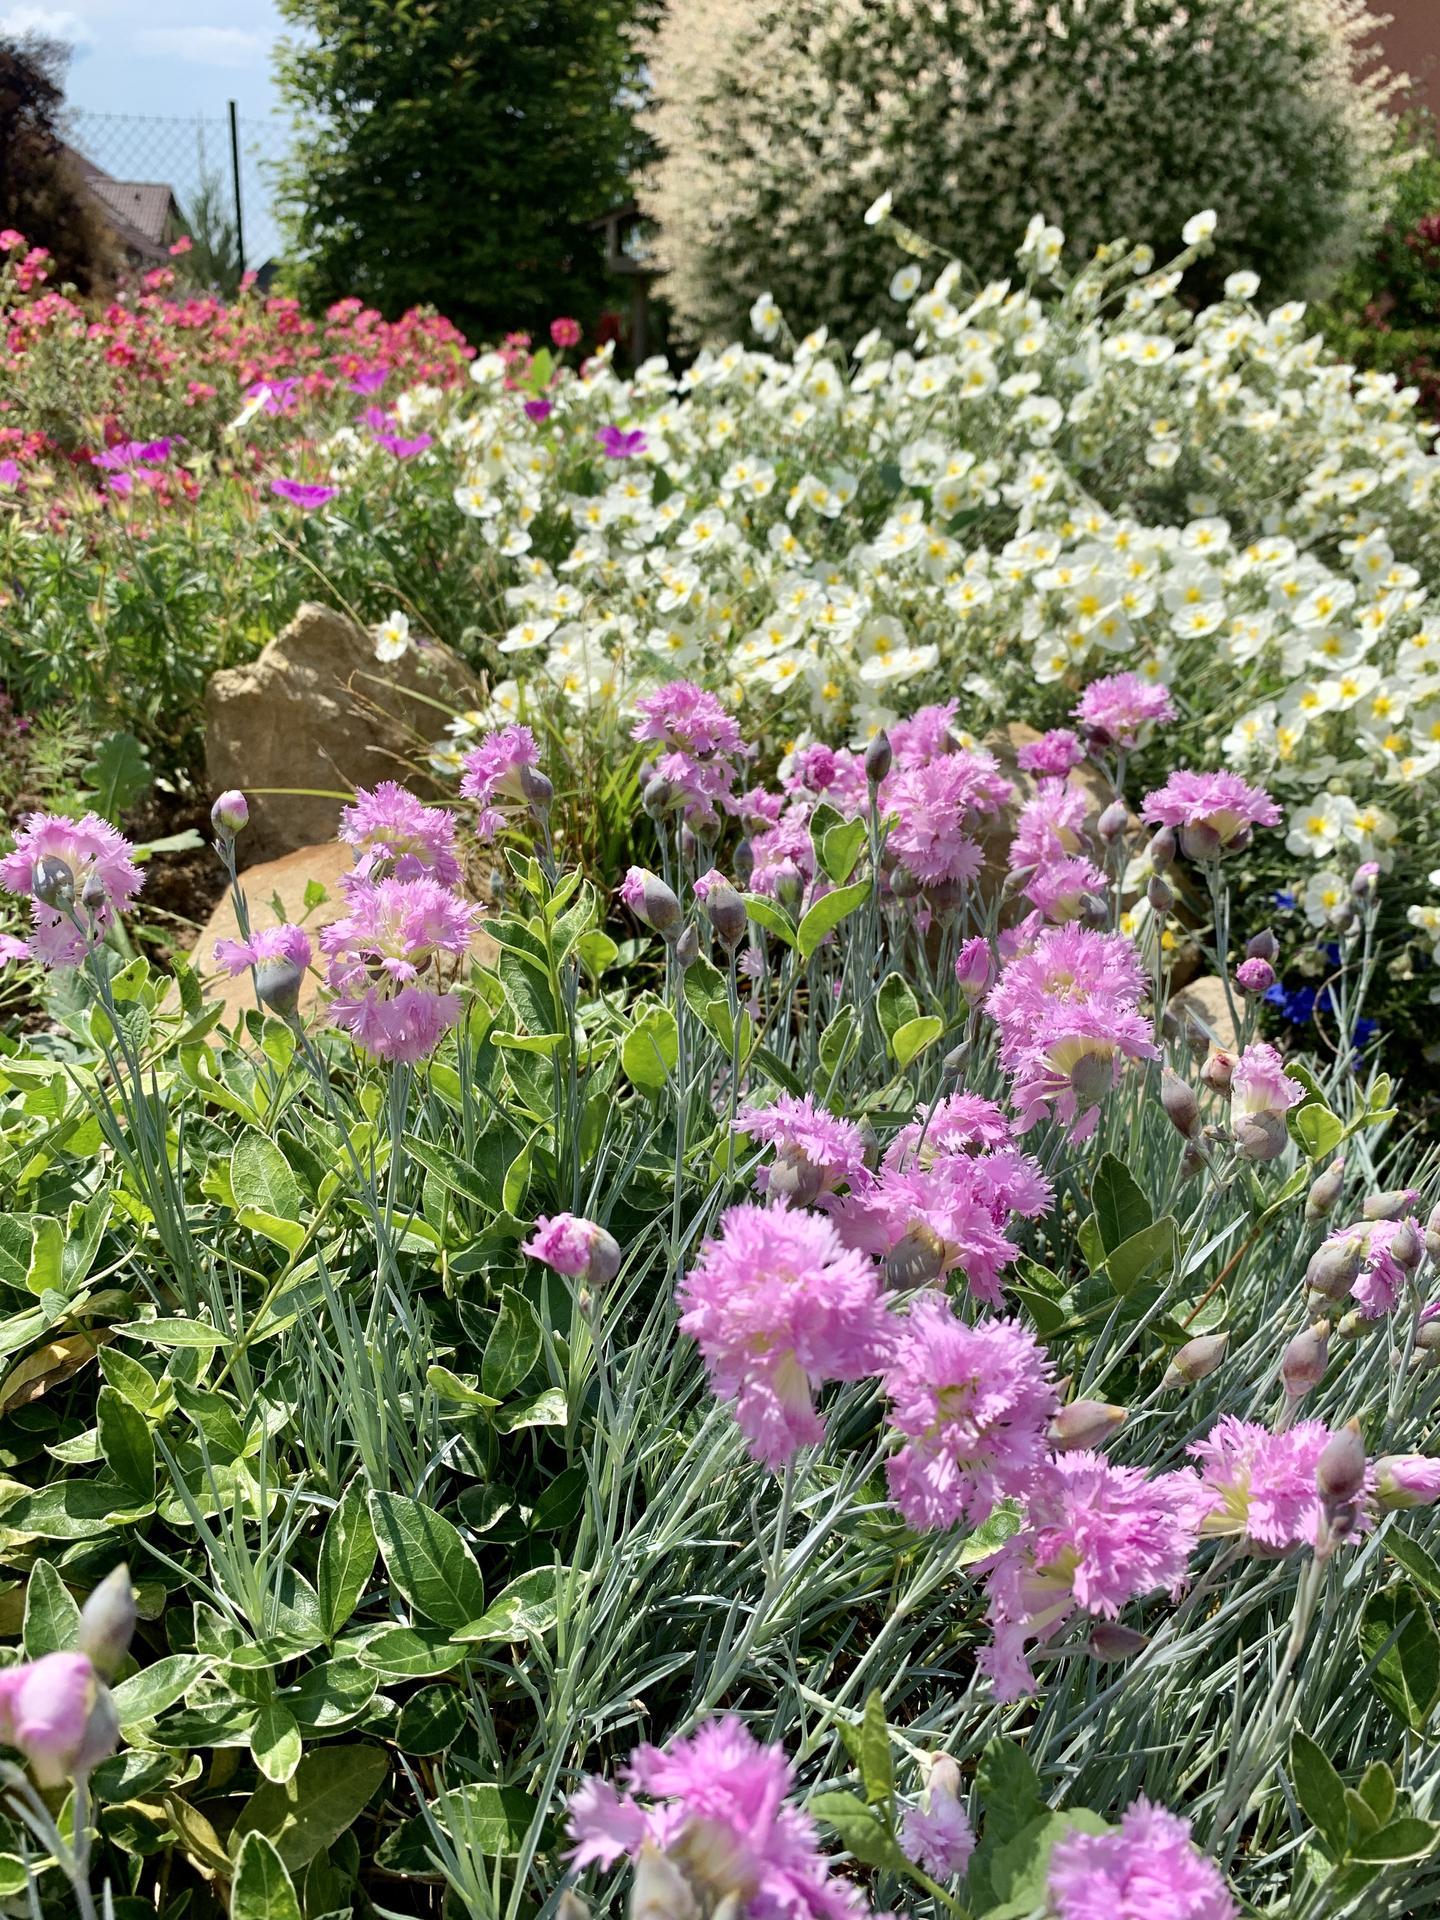 Naše barevná zahrada 🌸 - Další část skalky 🤗